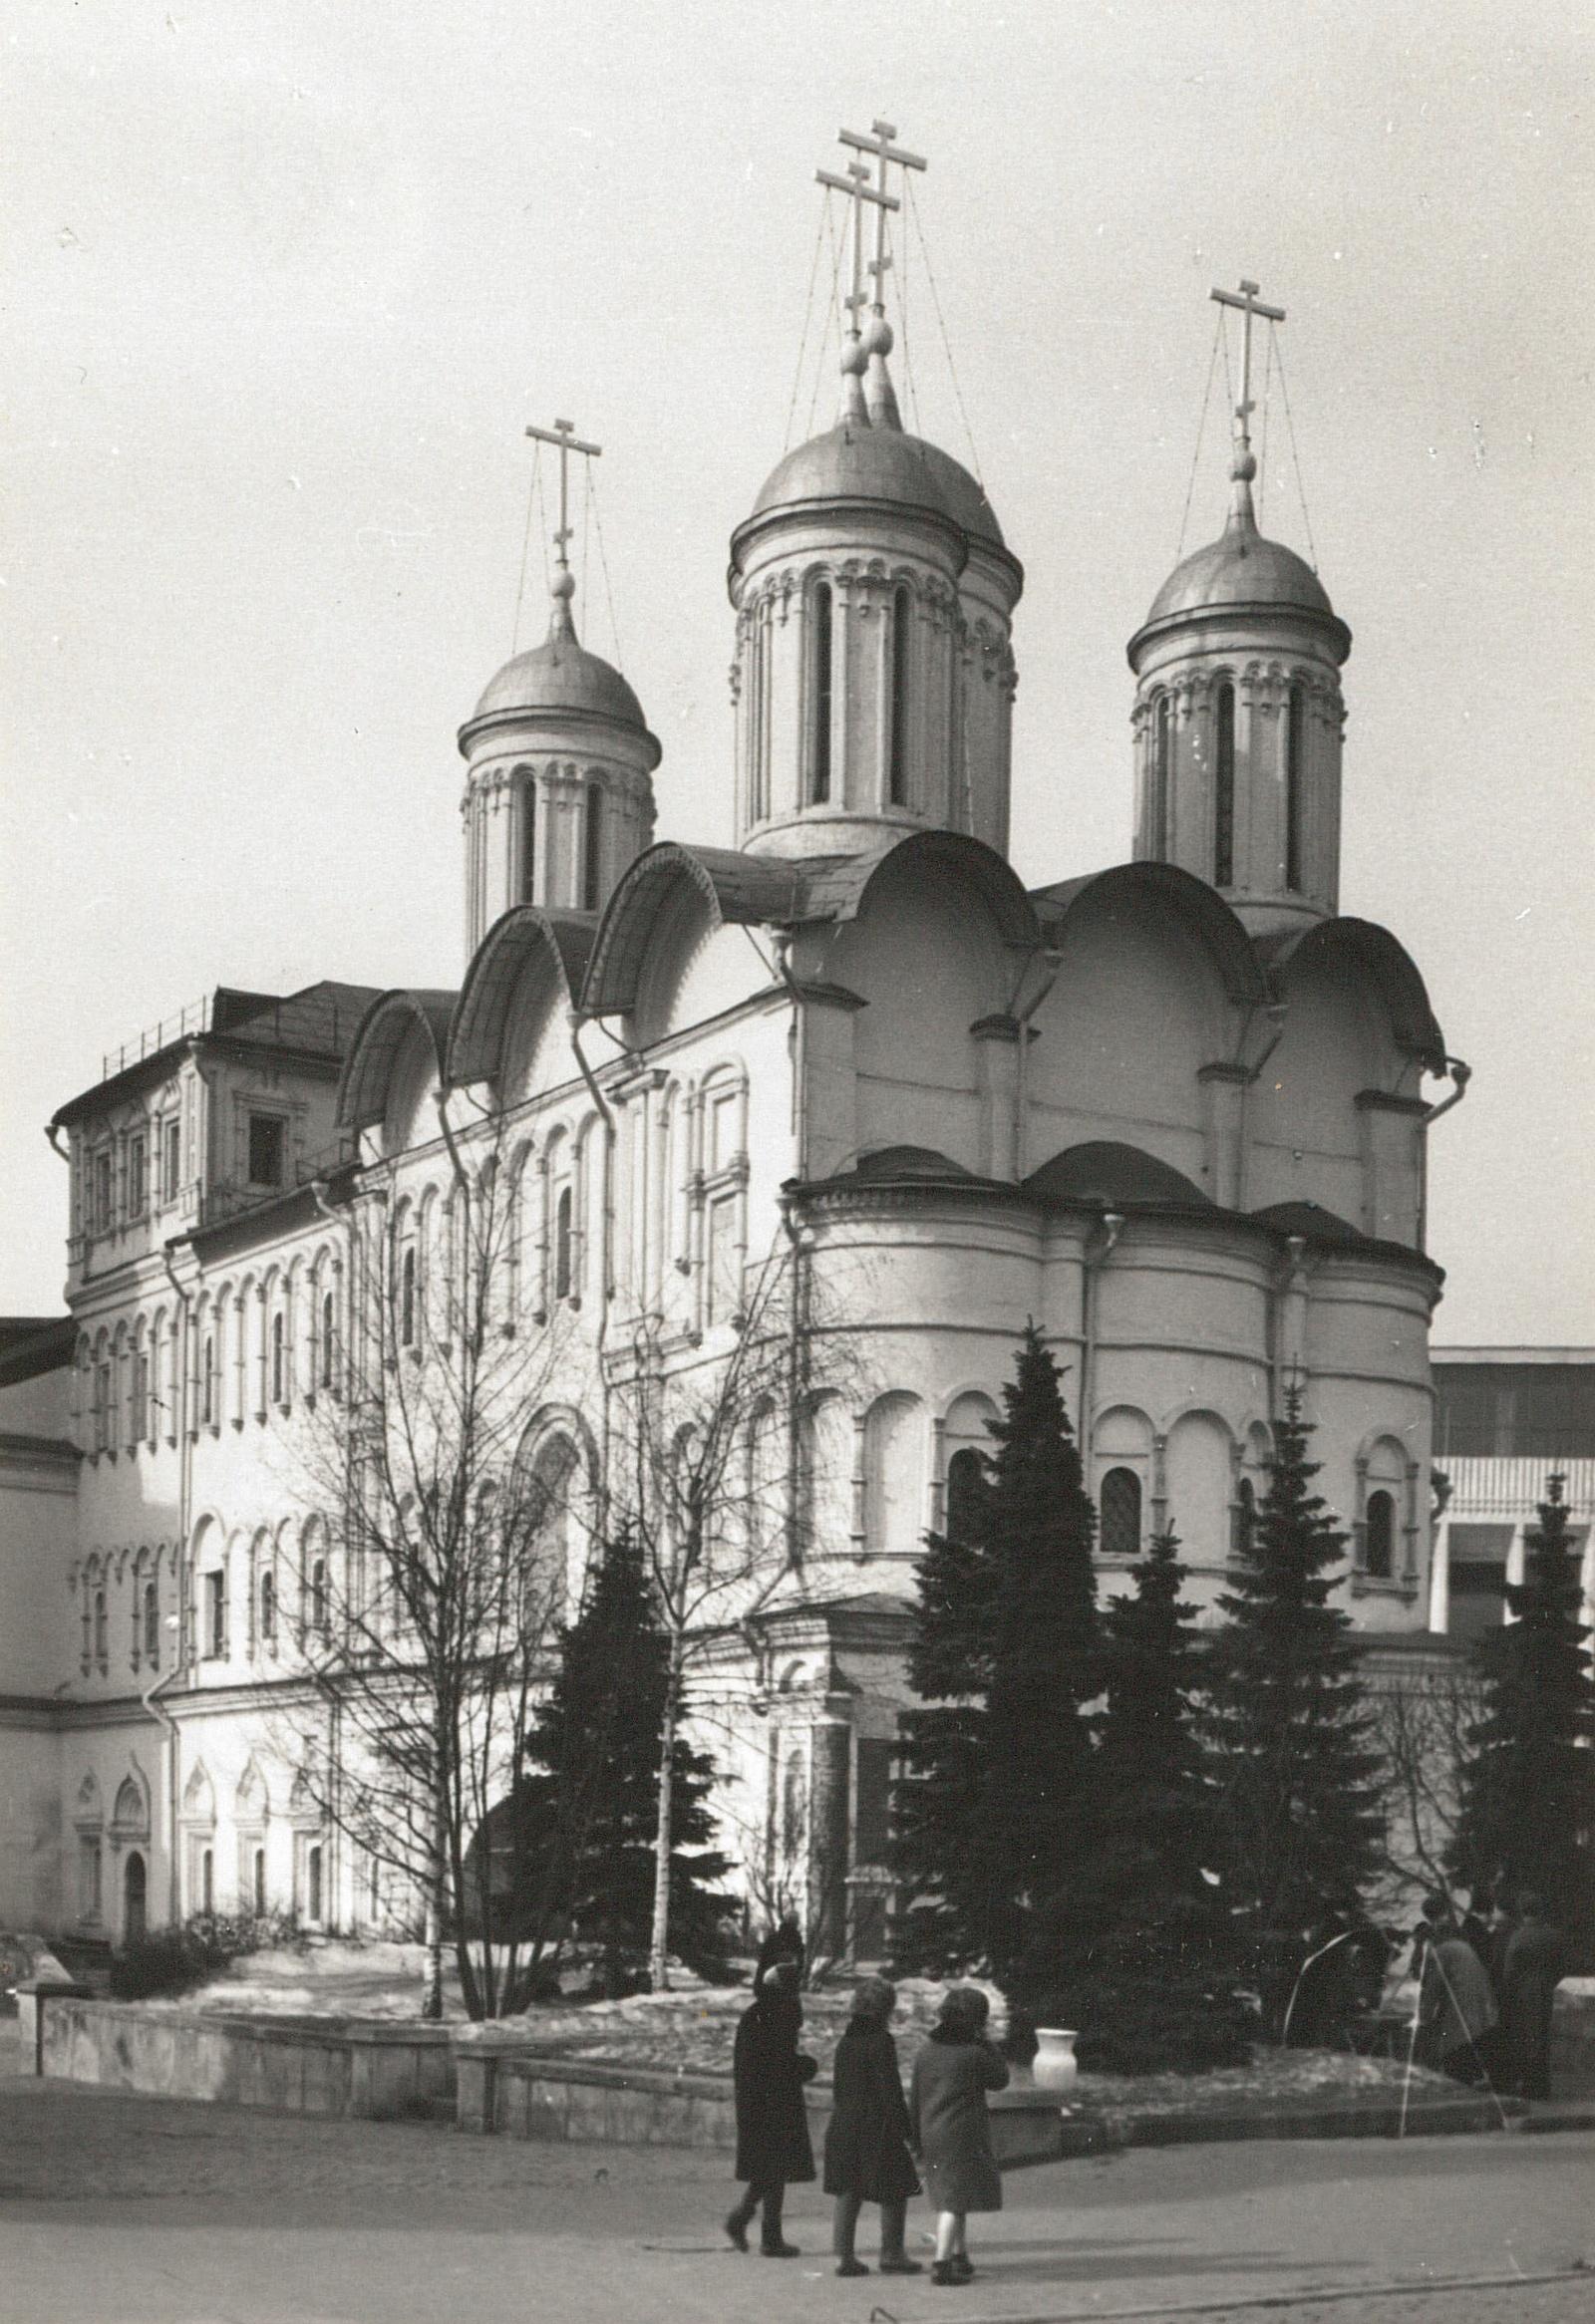 Москва. Кремль. Патриарший дворец и церковь Двенадцати апостолов, 1967